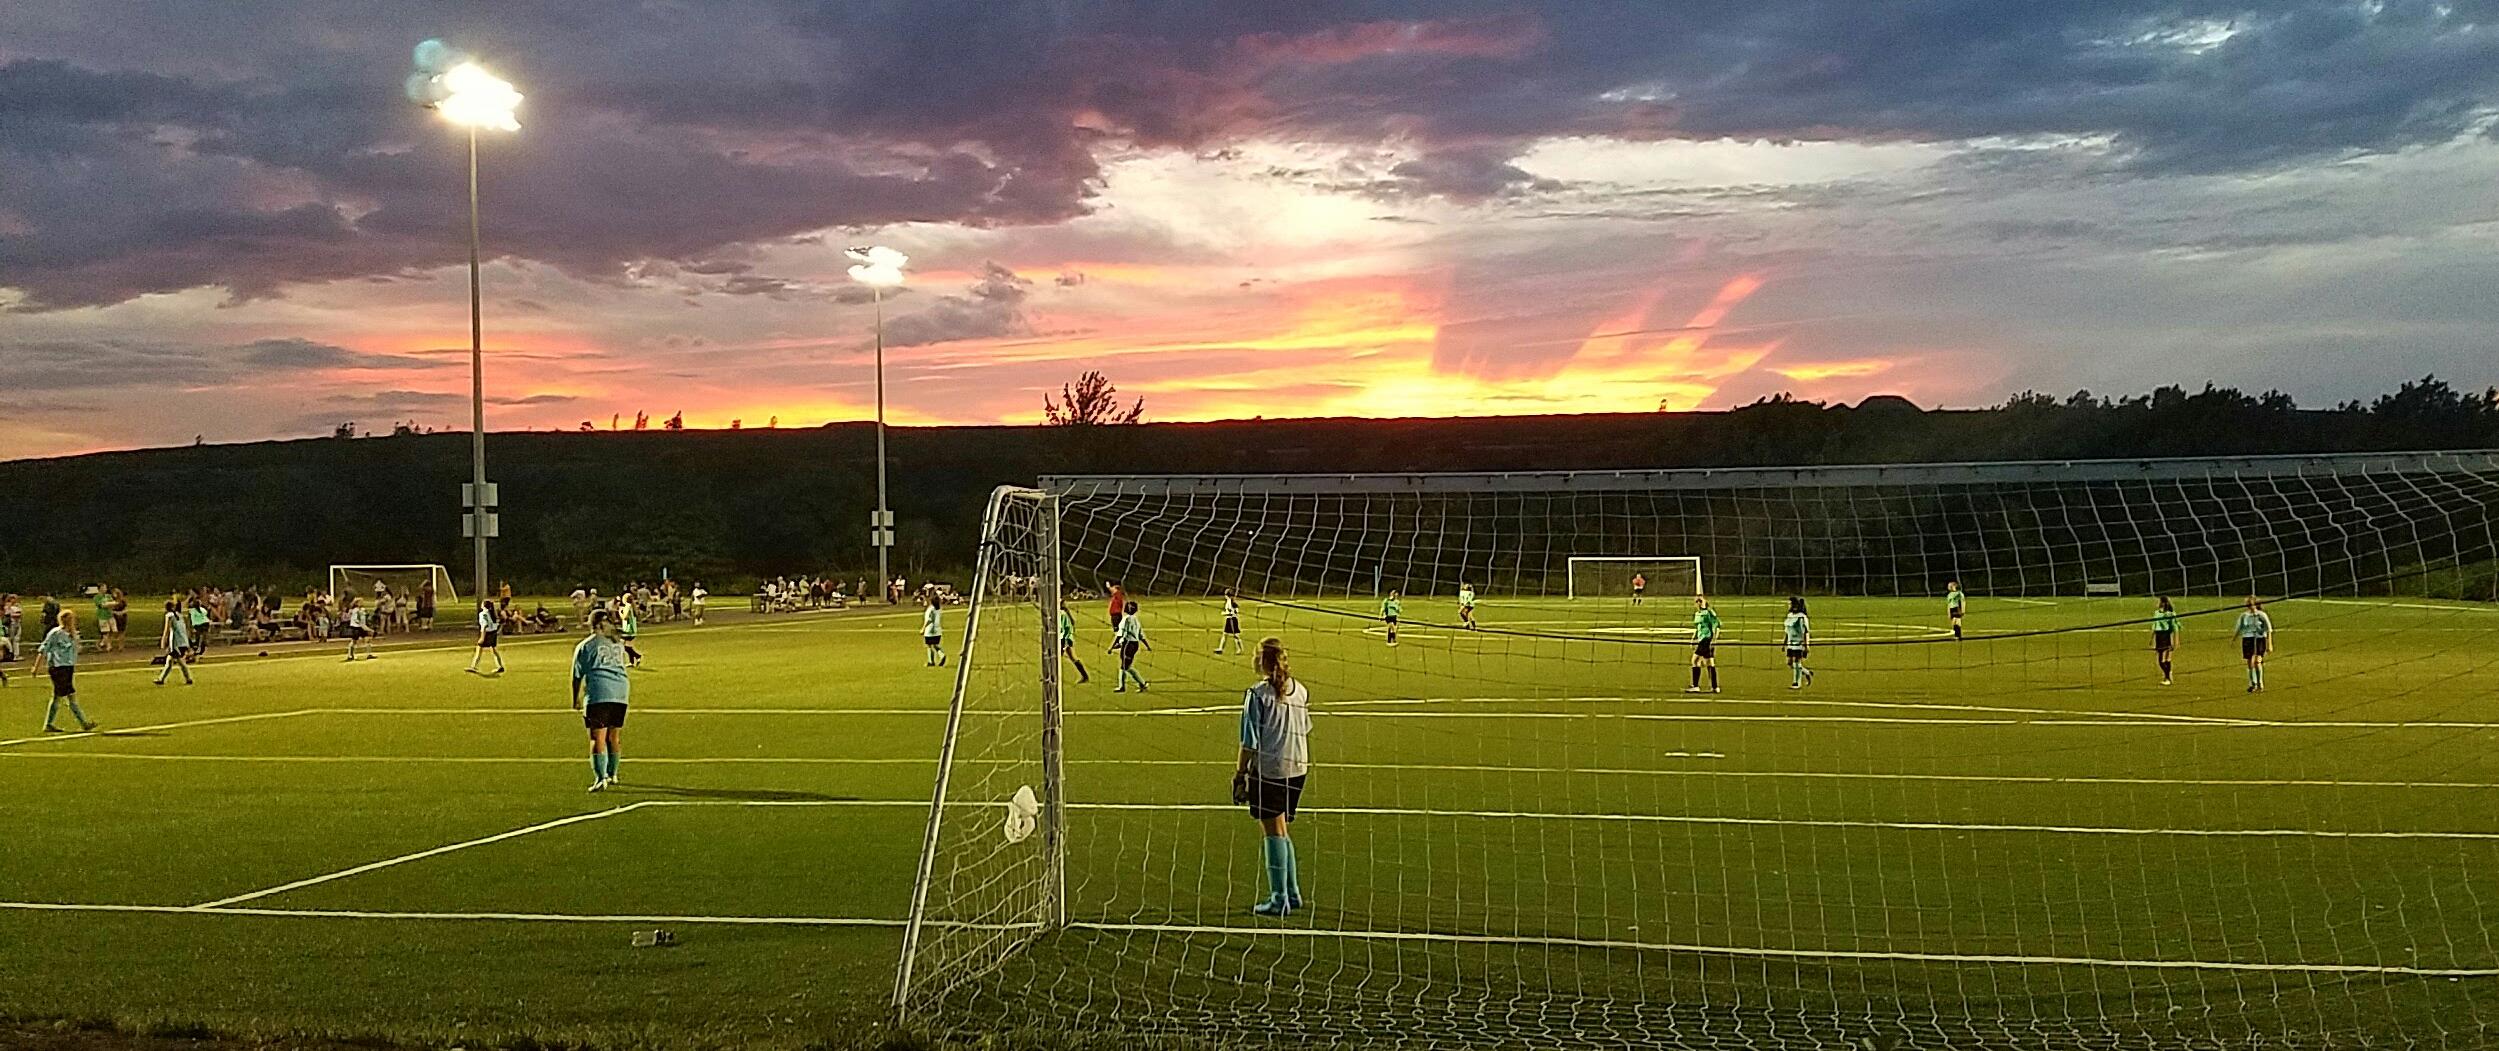 Soccer field owl hollow sunset